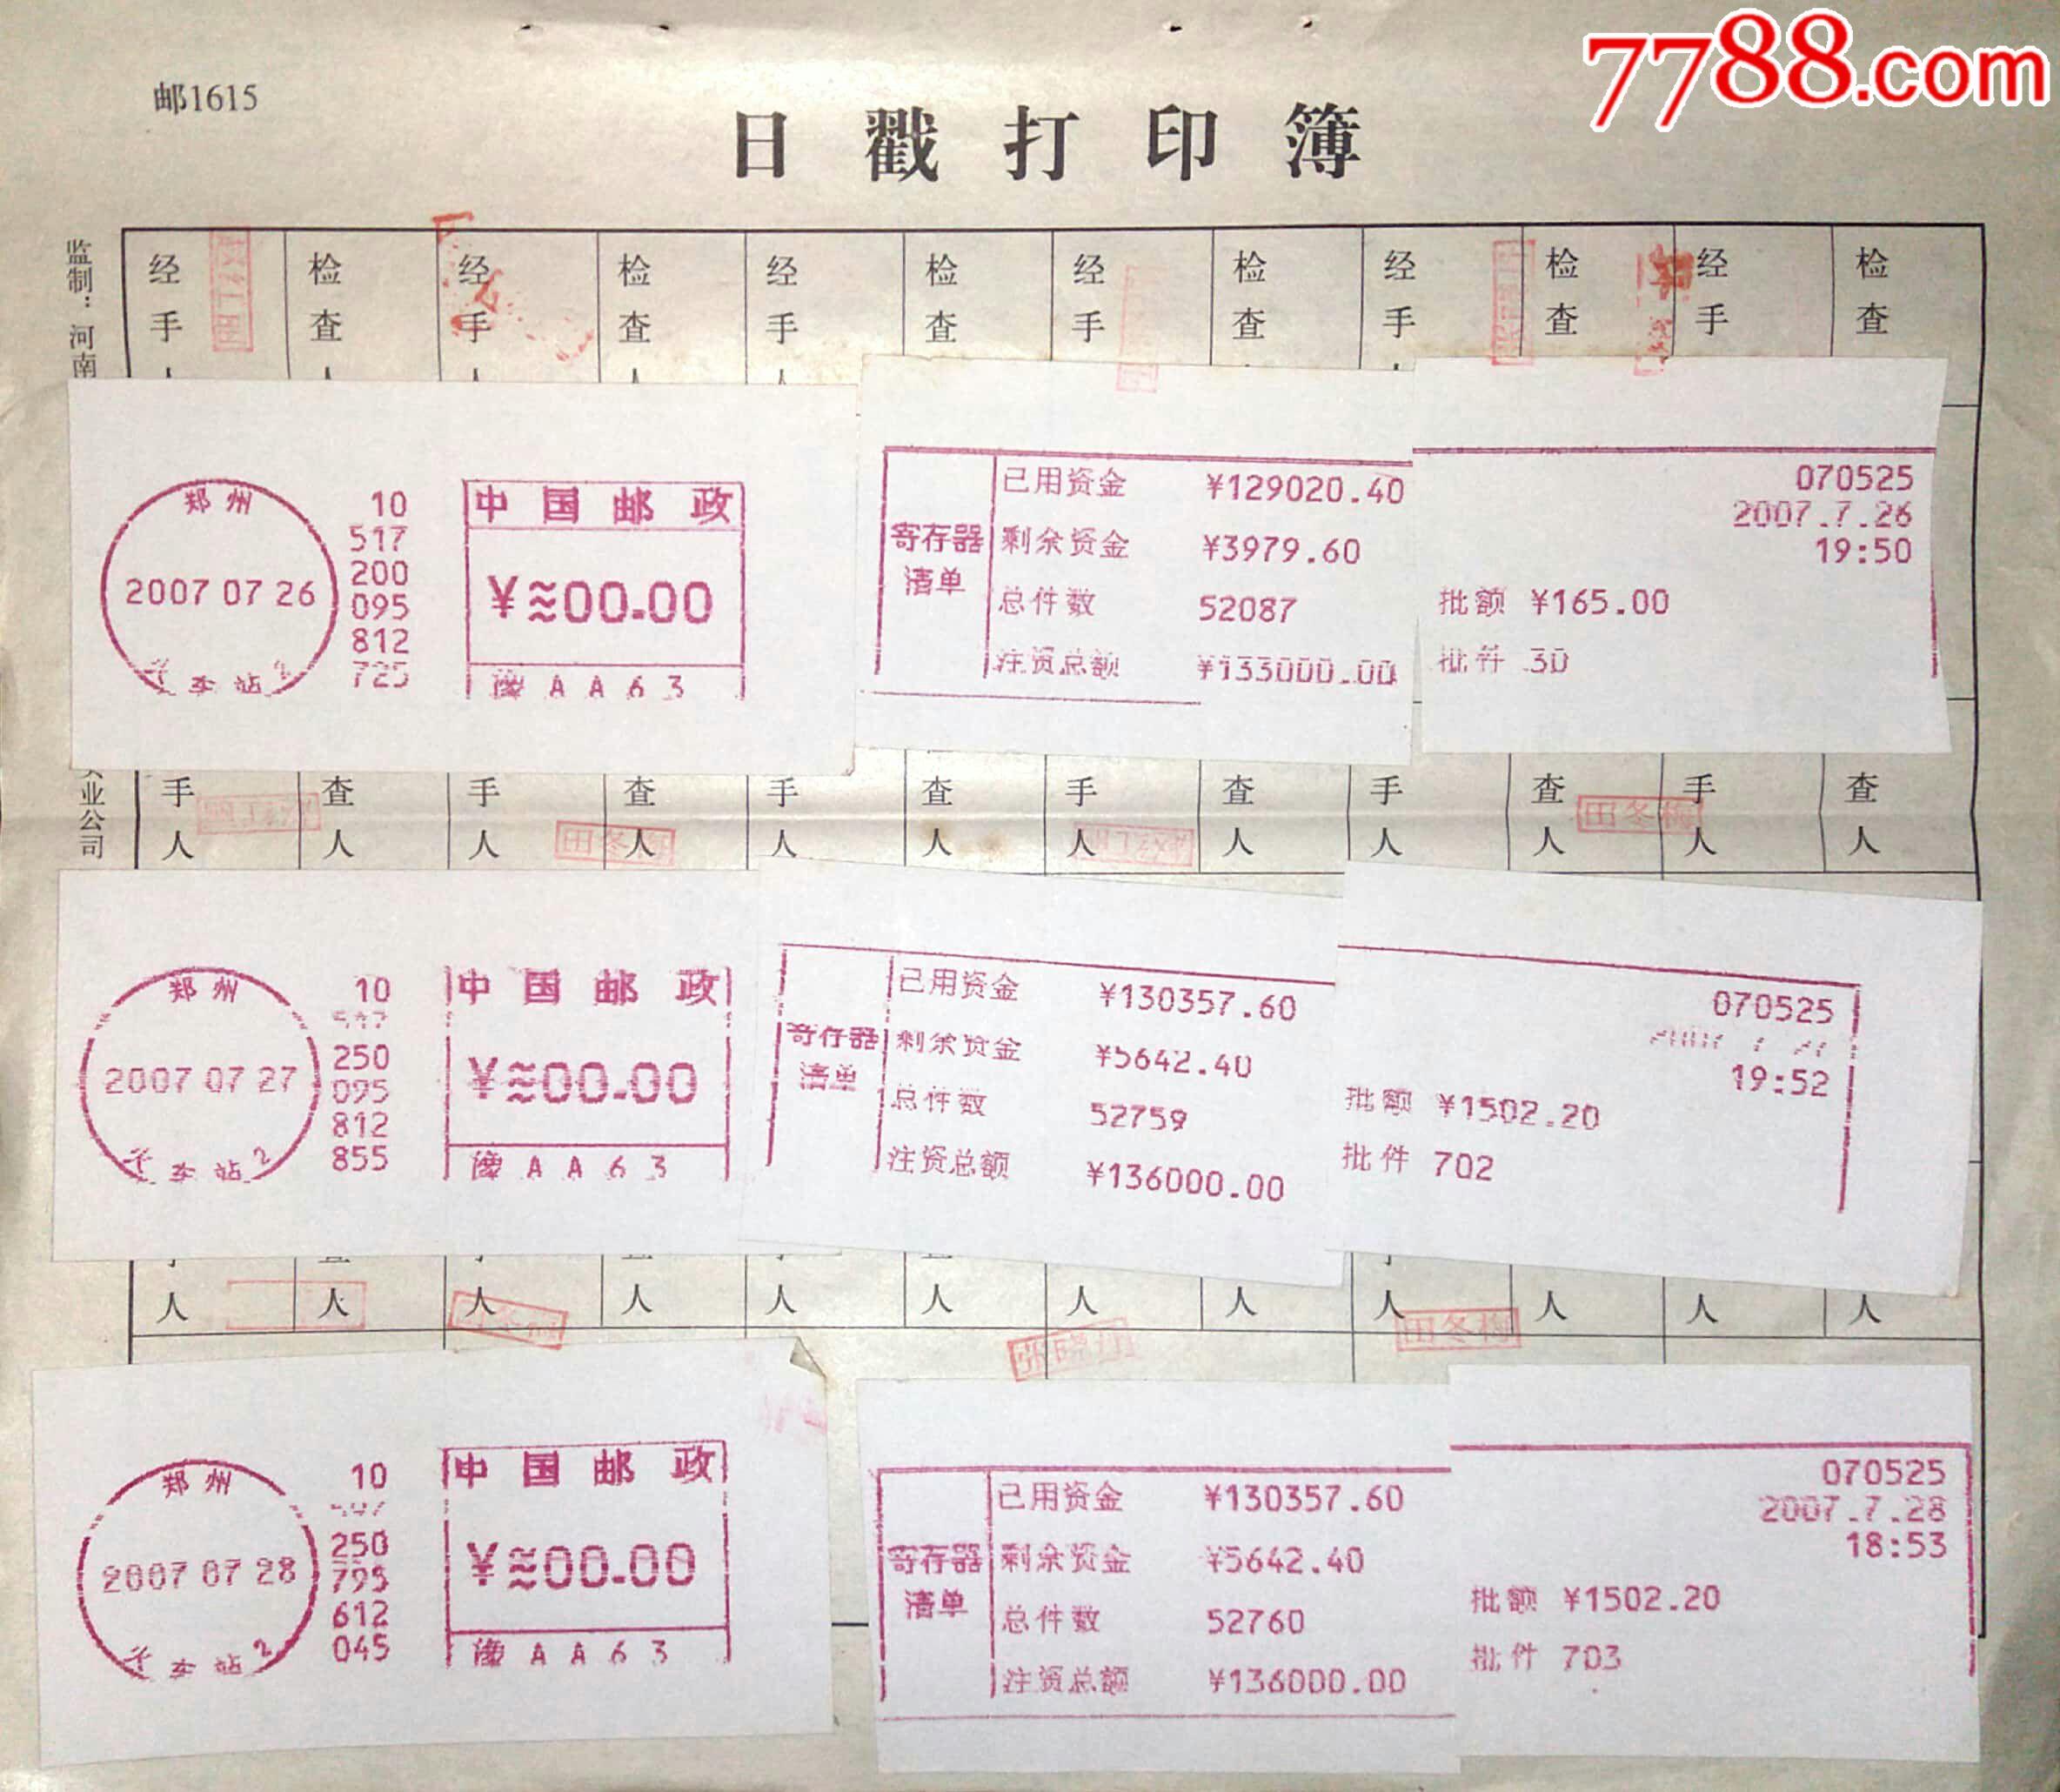 《日戳打印簿》-必能宝DM300邮资机及寄存器清单(郑州火车站)(au20663945)_